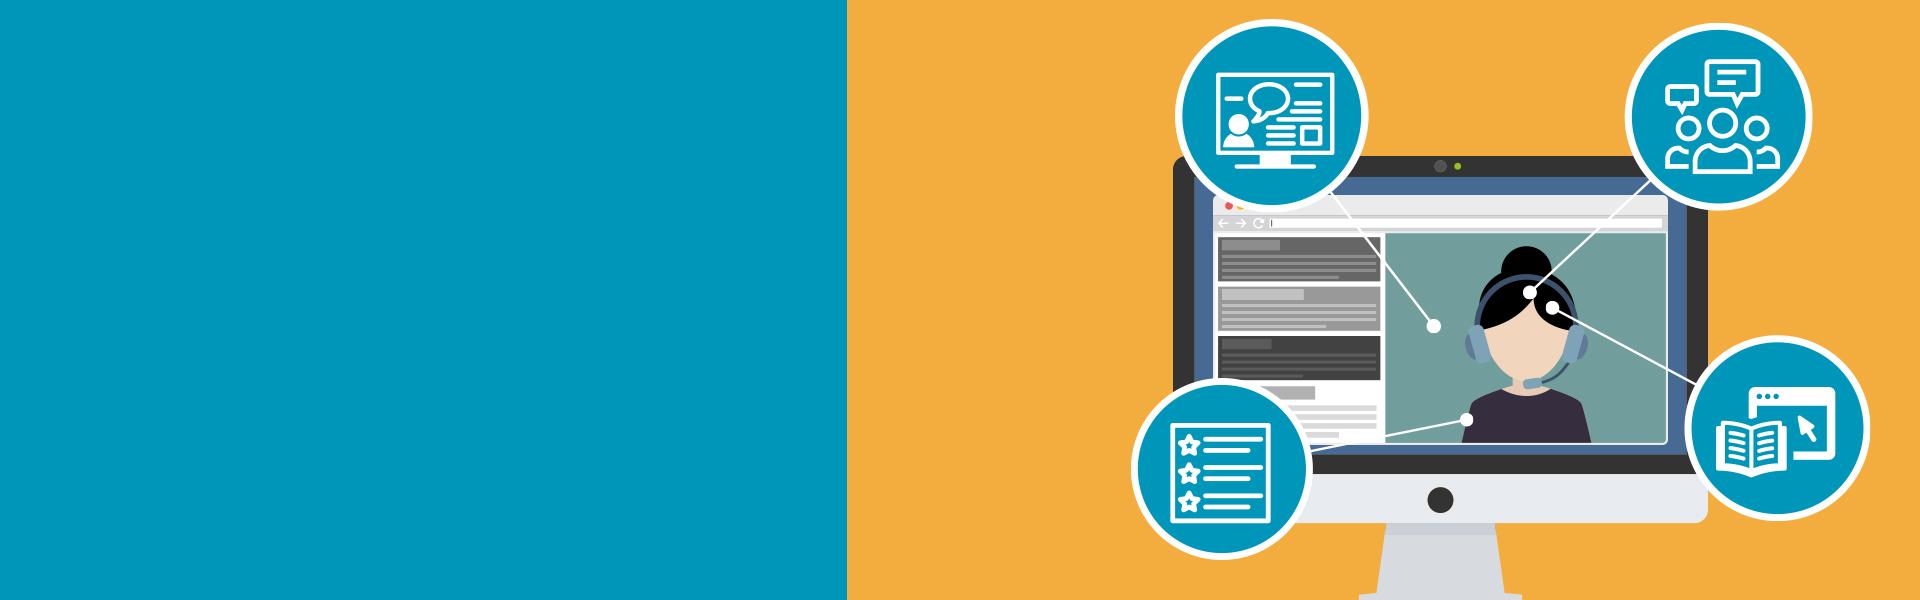 Kaksivärinen webinaariopintoja kuvaava banneri, jossa on tietokoneruutu ja neljä pallokuvaketta kuvaamassa erilaisia opiskelutapoja.